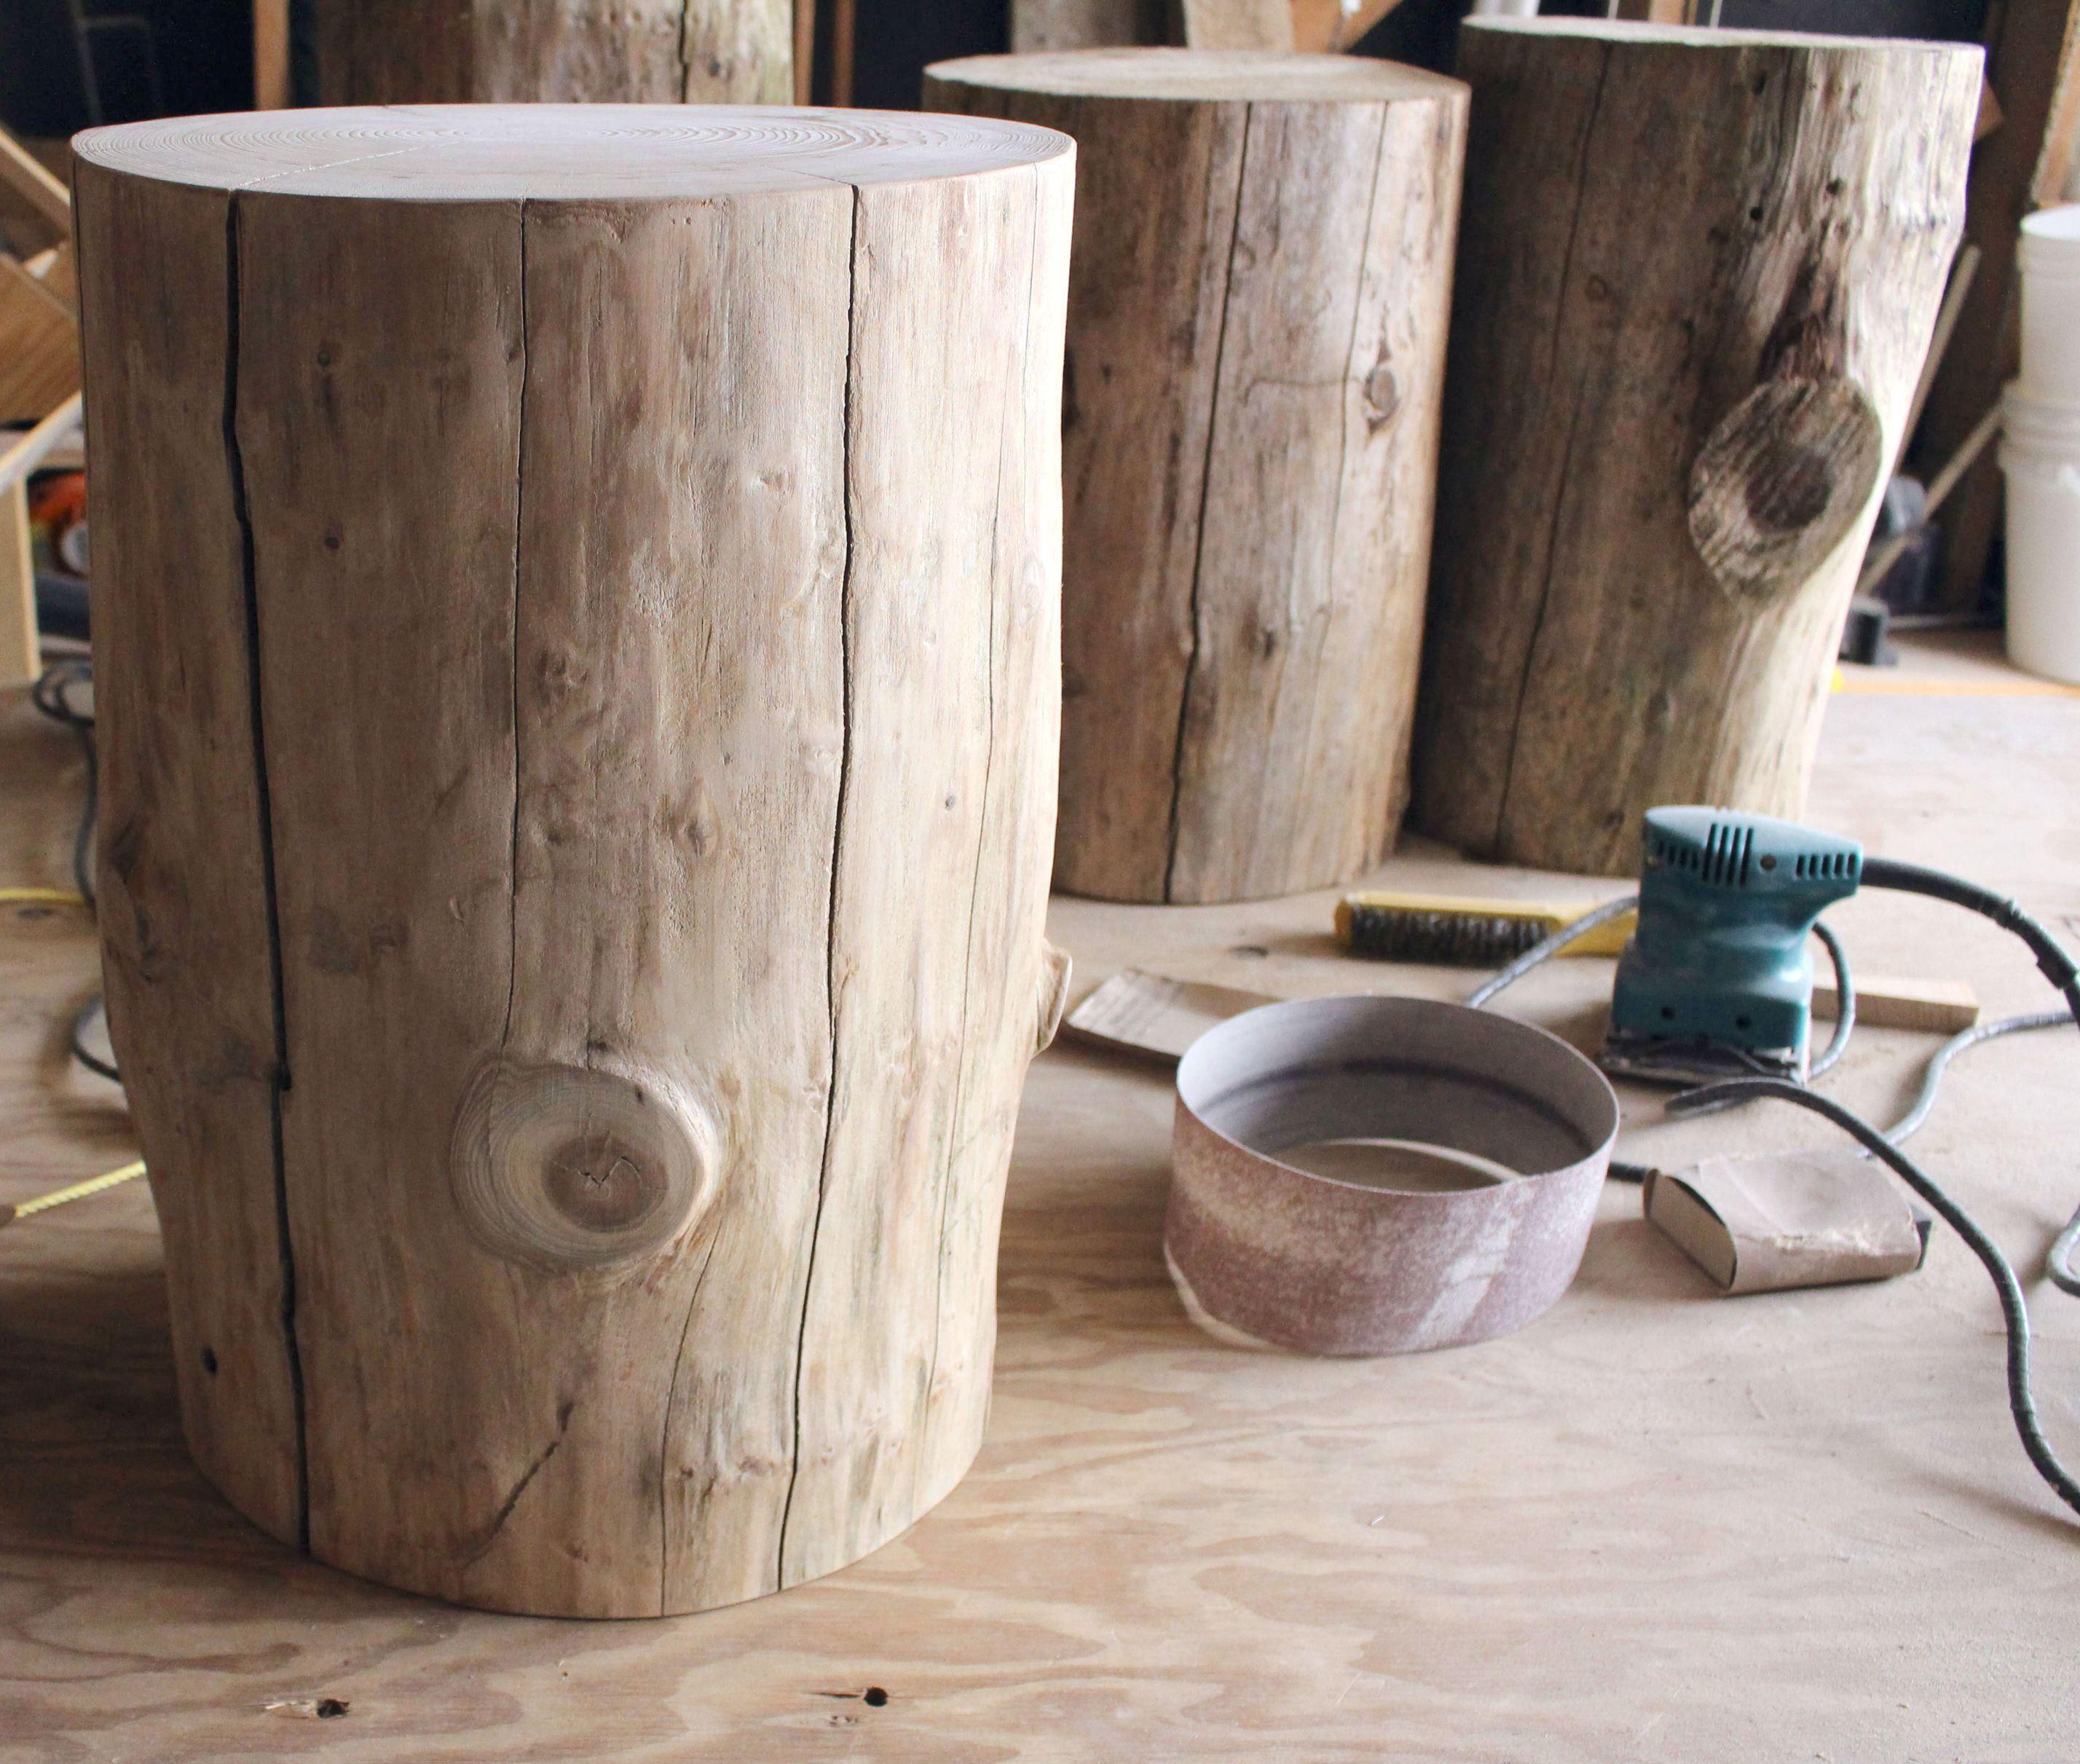 Diy Tree Stump Side Table Tree Stump Side Table Tree Stump Table Stump Table